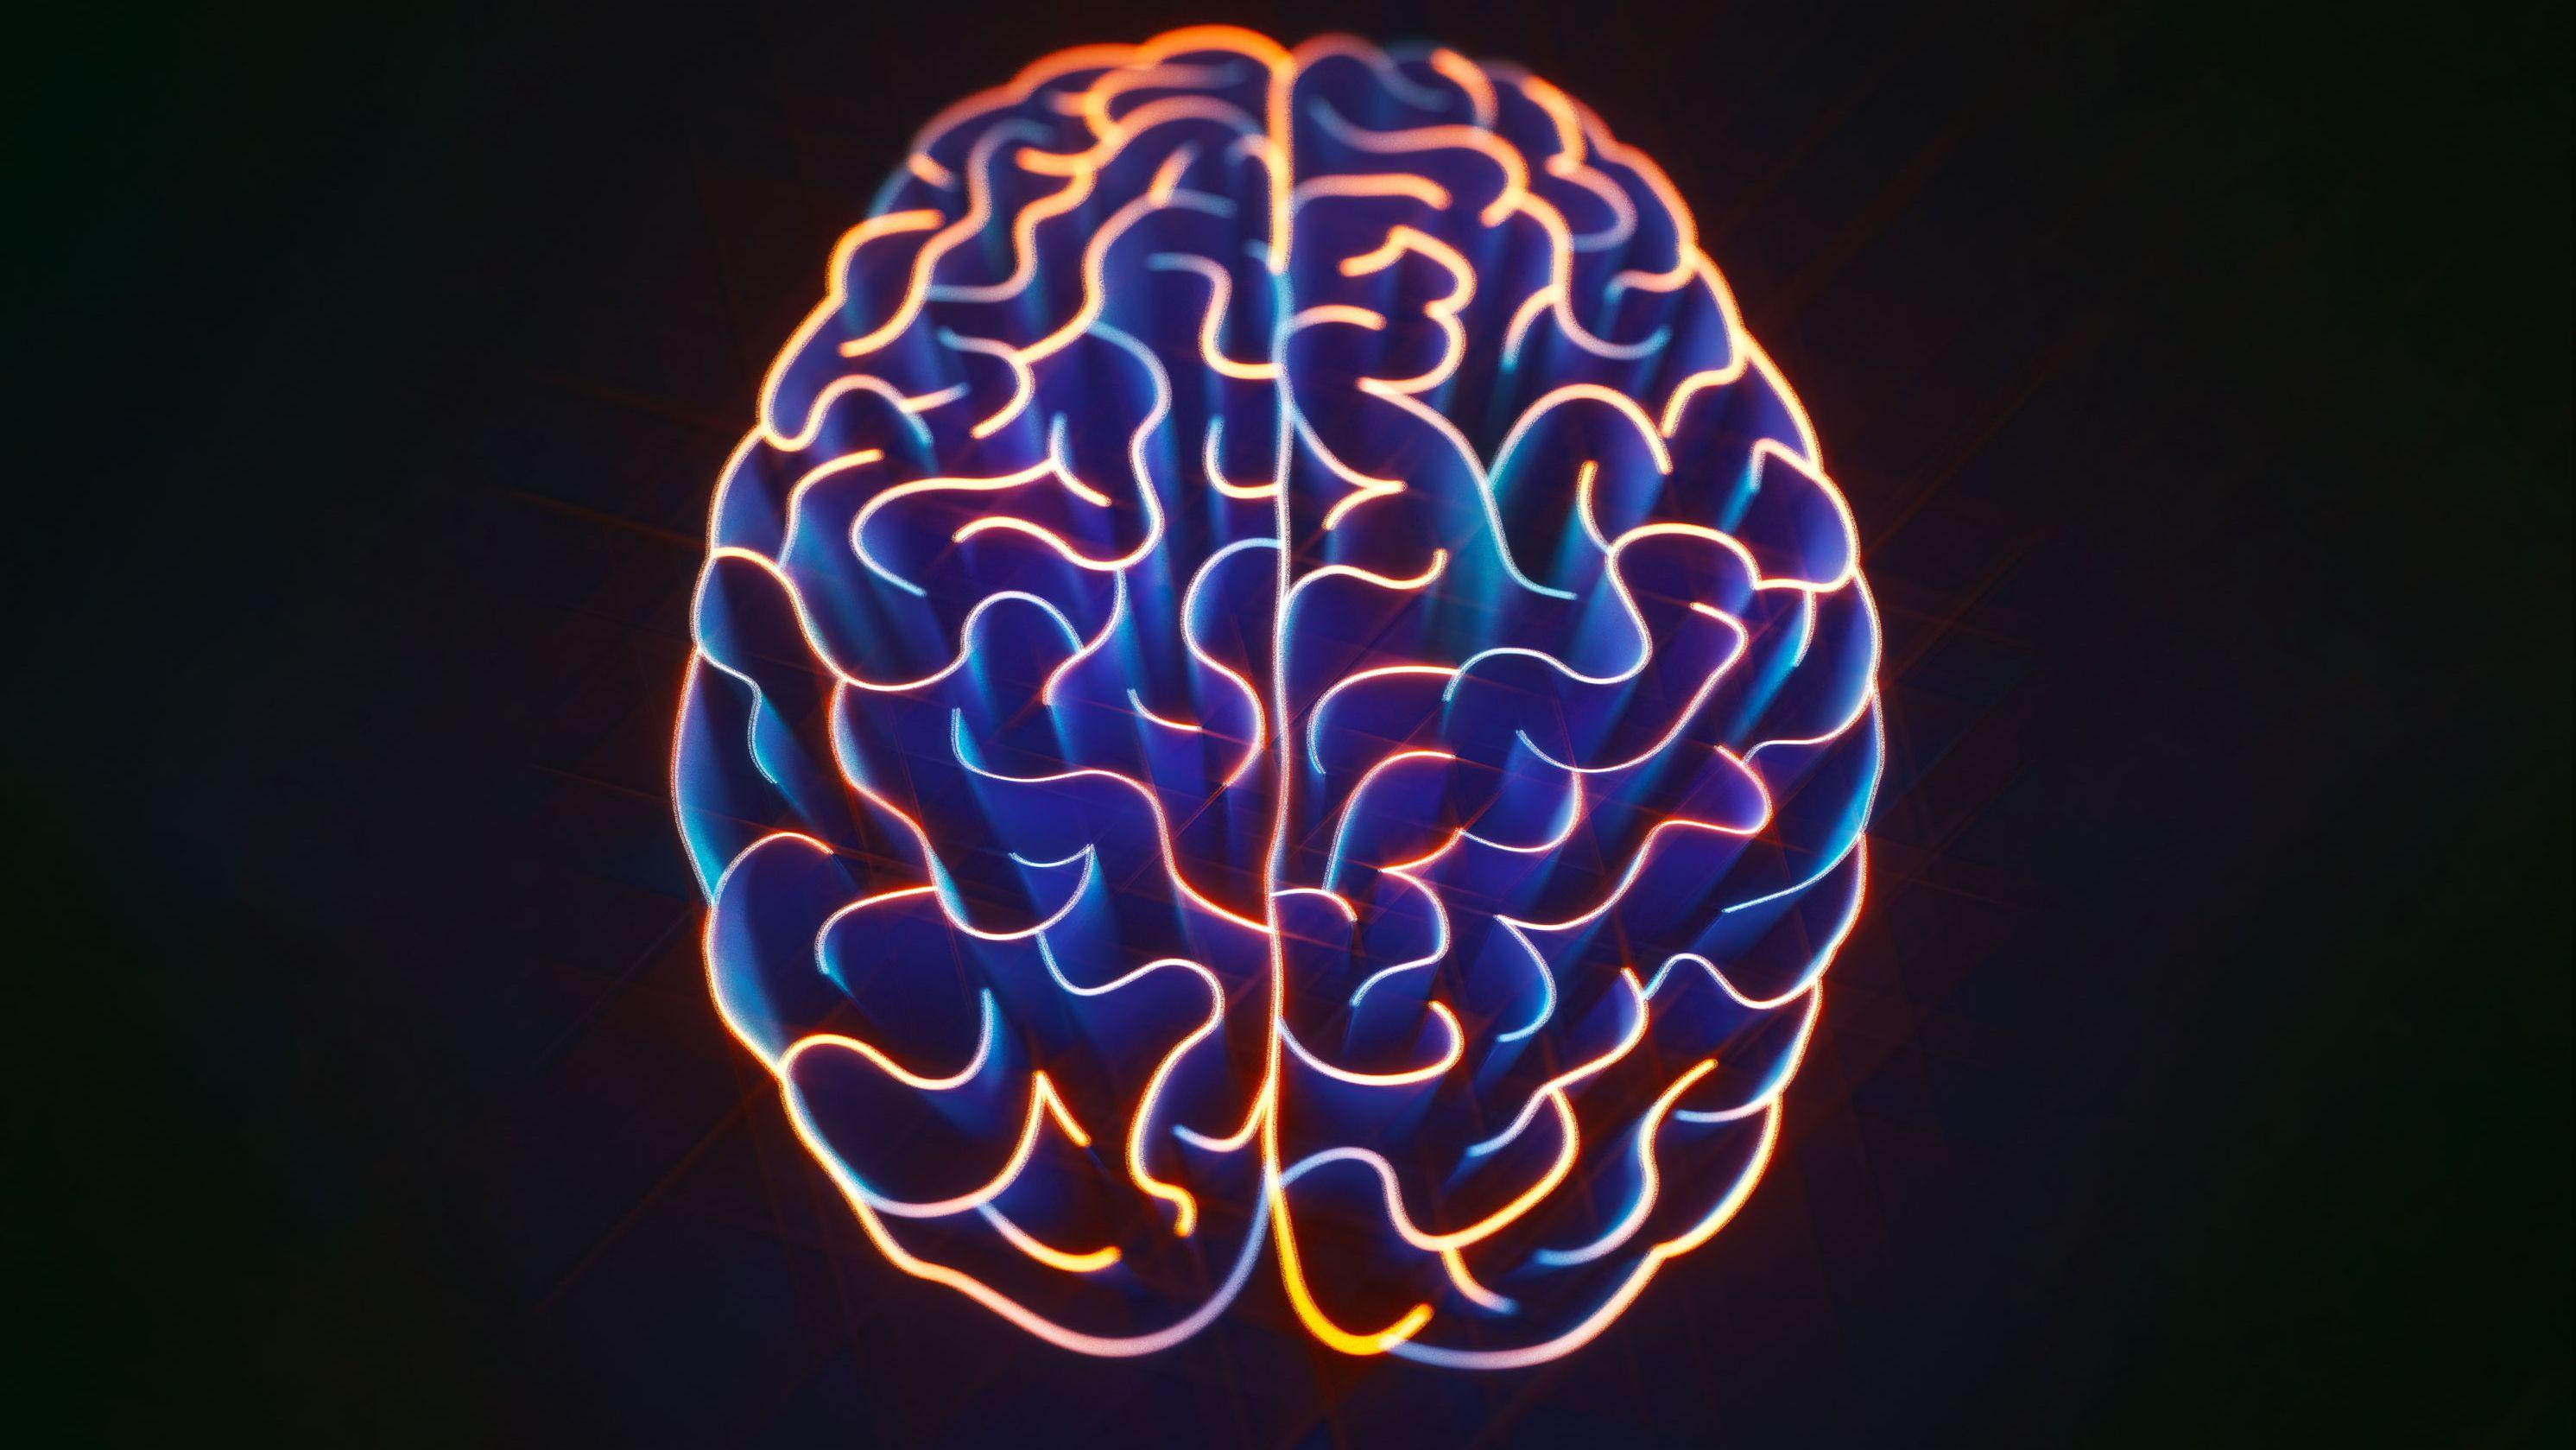 脳コンピューティングのブレークスルー、超伝導ニューロンを設計